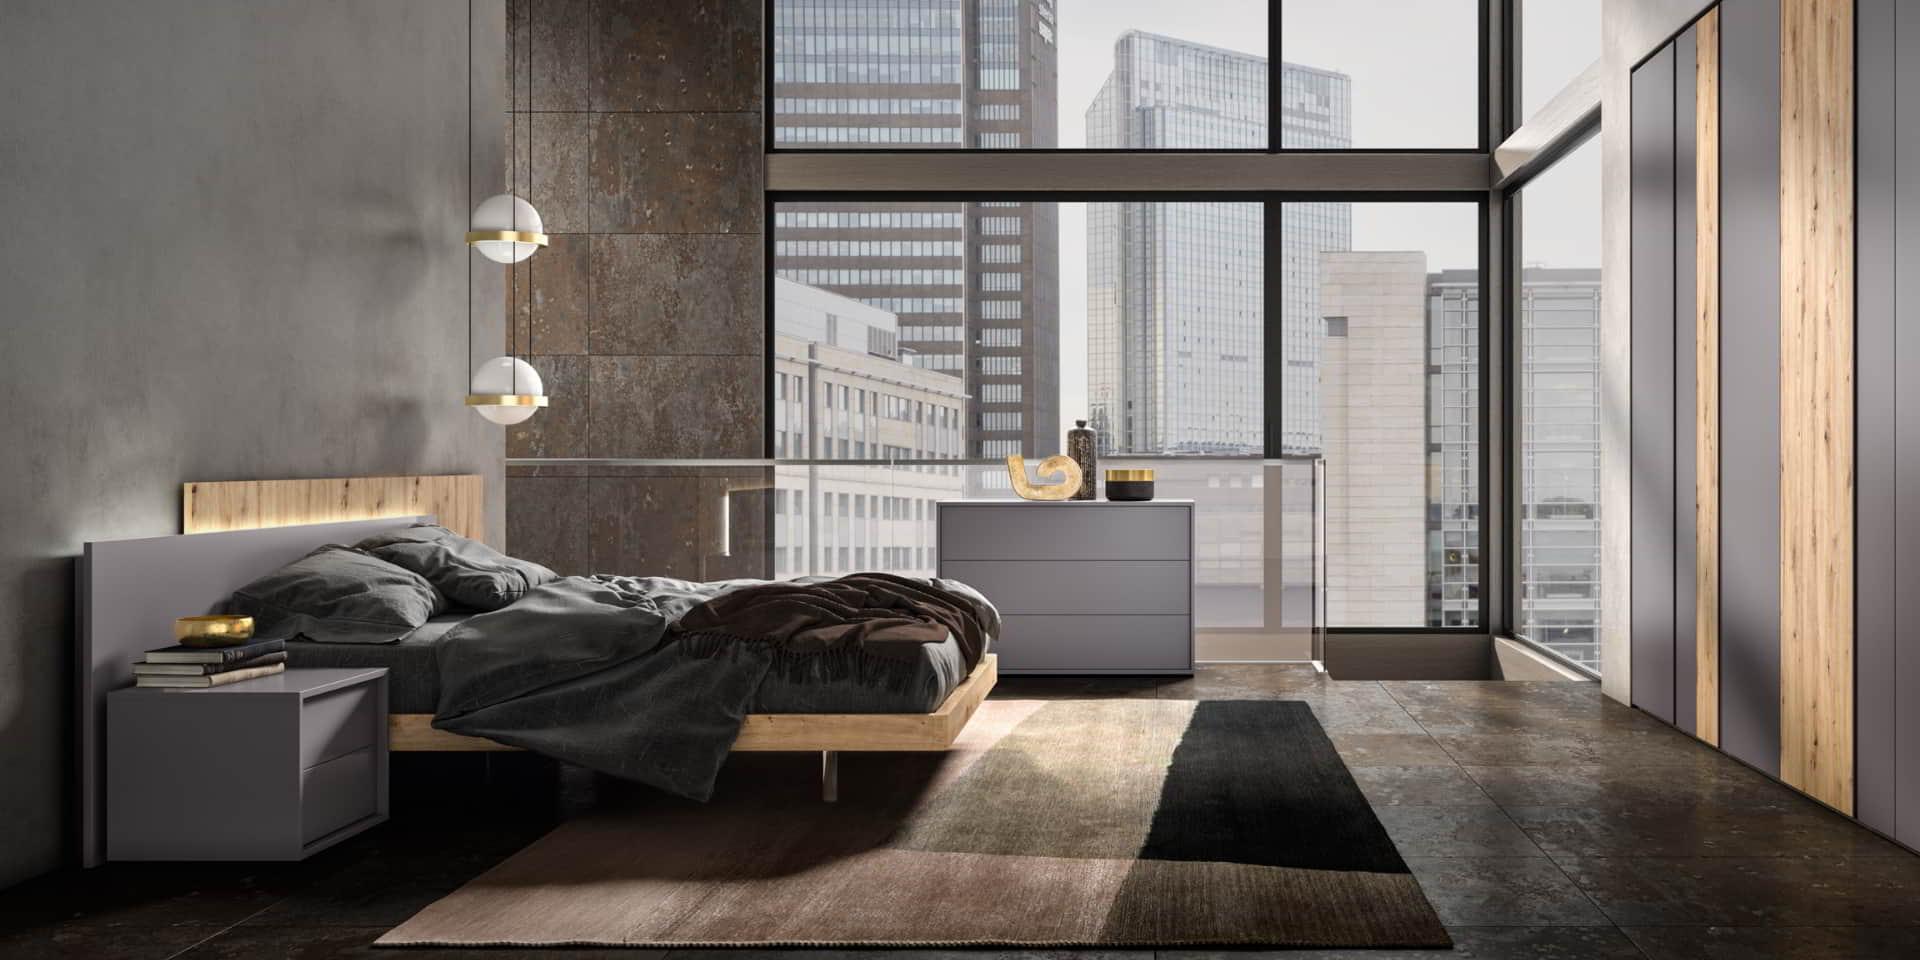 cucine componibili cucine componibili a prezzi di fabbrica cucine moderne e cucine classiche a prezzi